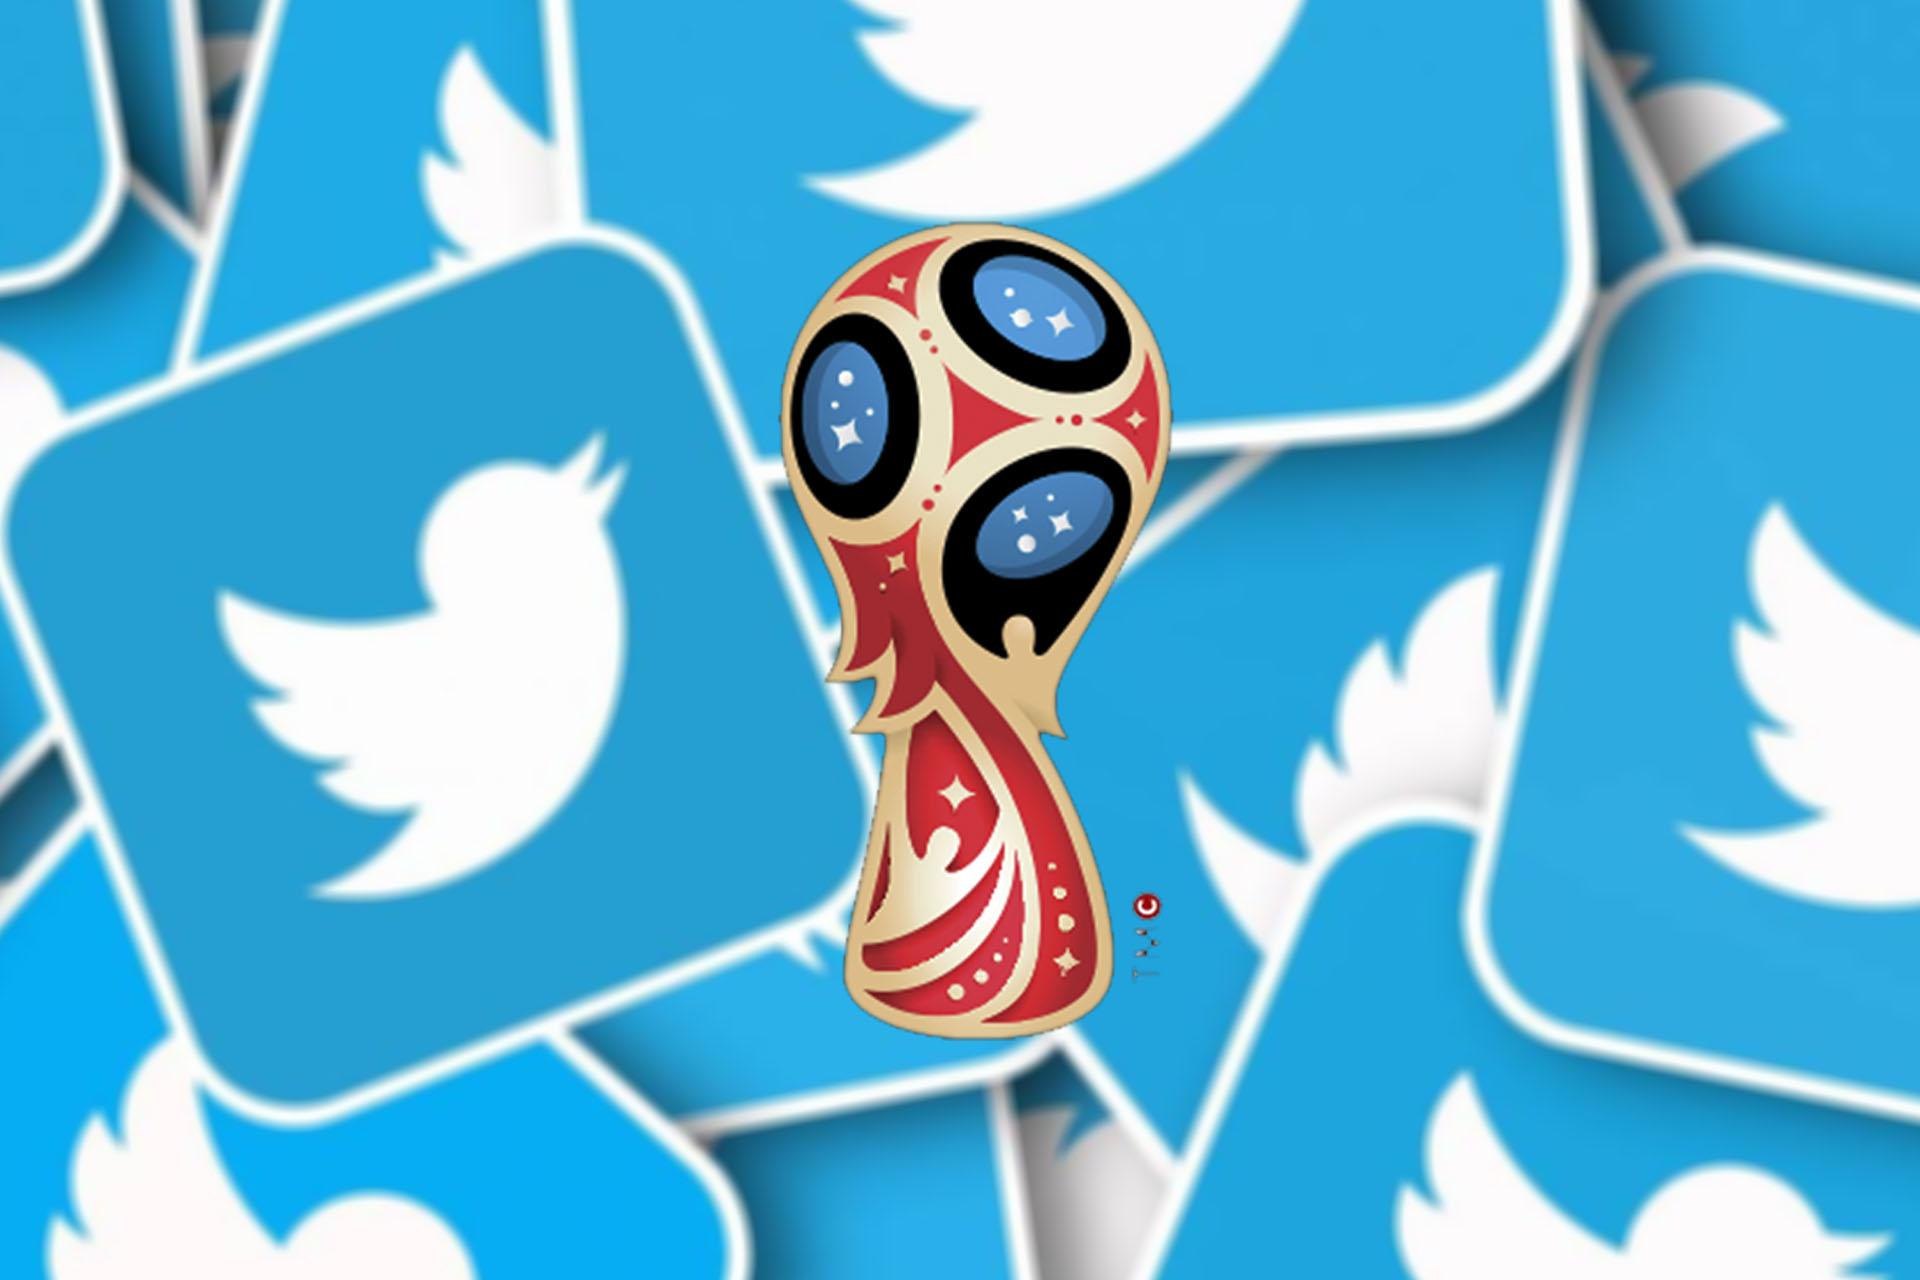 Dale TWITTER a tu marca en el Mundial